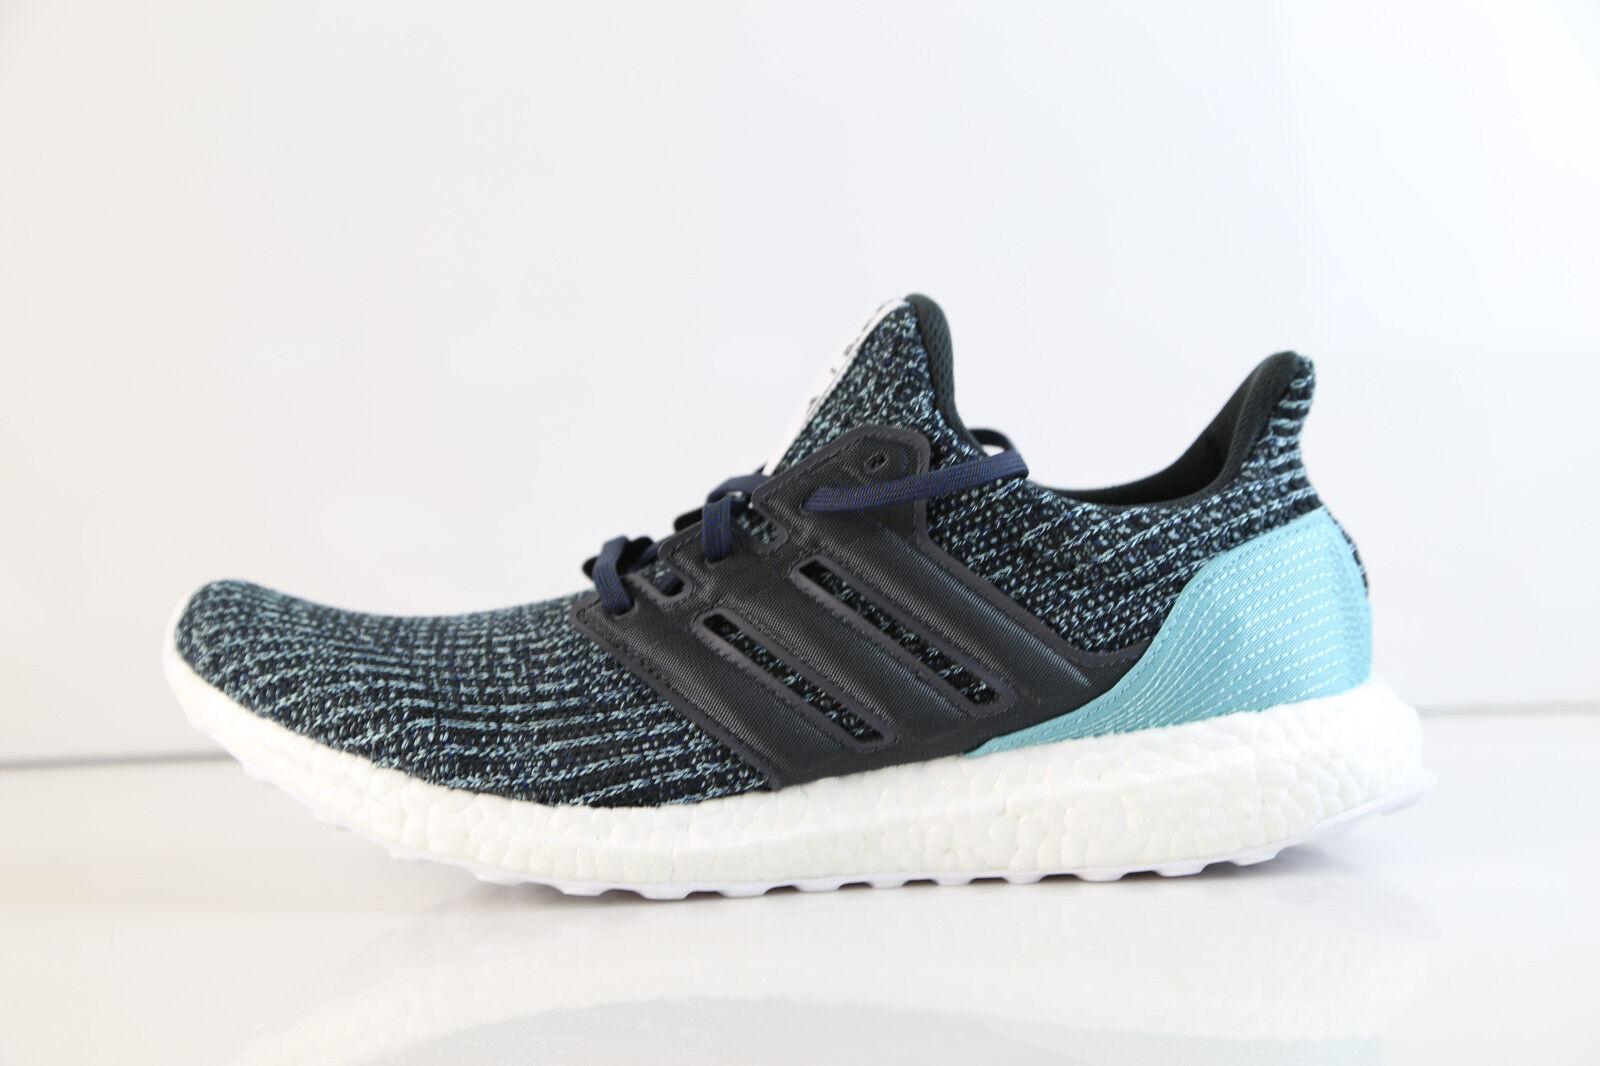 Adidas Adidas Adidas Parley Ocean Carbon Blau Ultraboost 4.0 CG3673 8-13 ultra boost 66ecd0